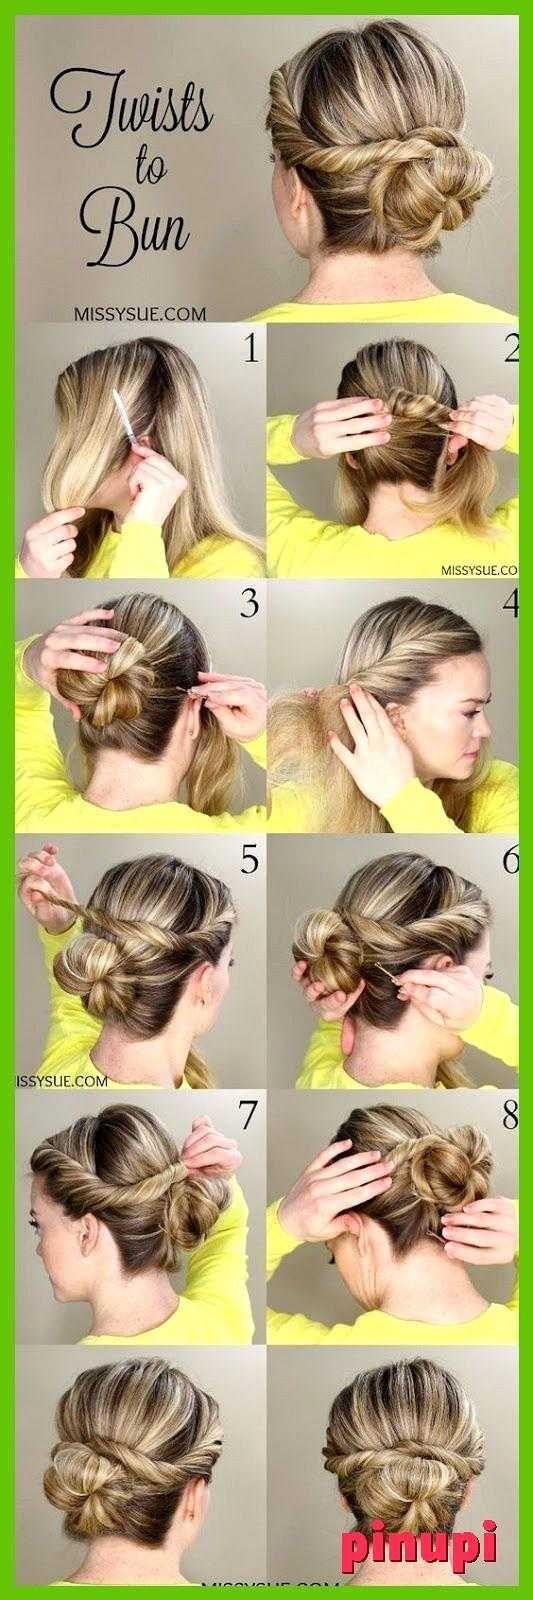 Découvrez notre collection de coiffures faciles étape par étape bricolage Vous obtiendrez des coiffures tutoriels étape par étape coiffures faciles hacks cheveux paresseux fille